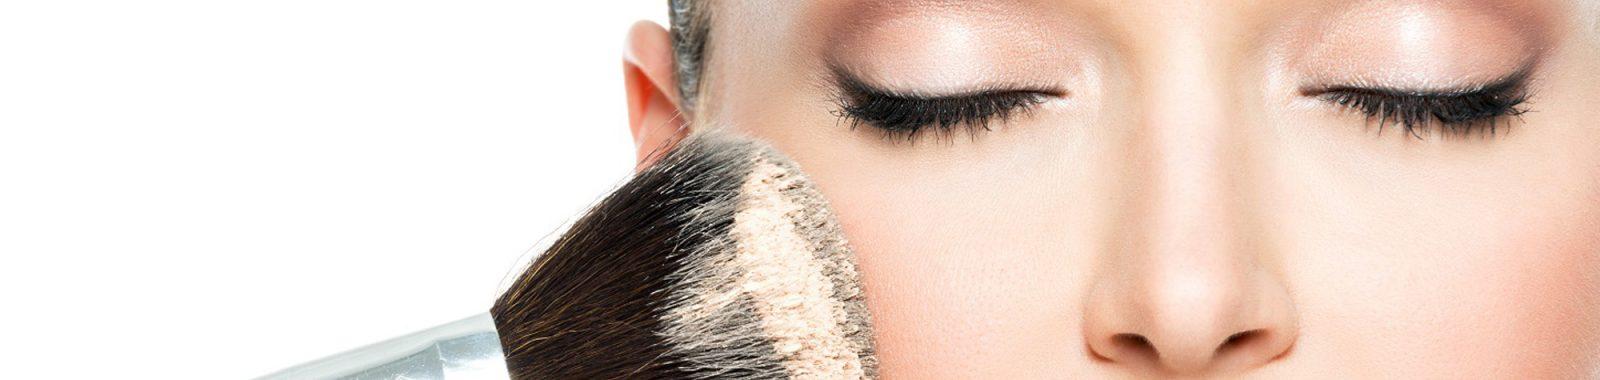 Come sistemare i trucchi: I 5 segreti per un make up impeccabile